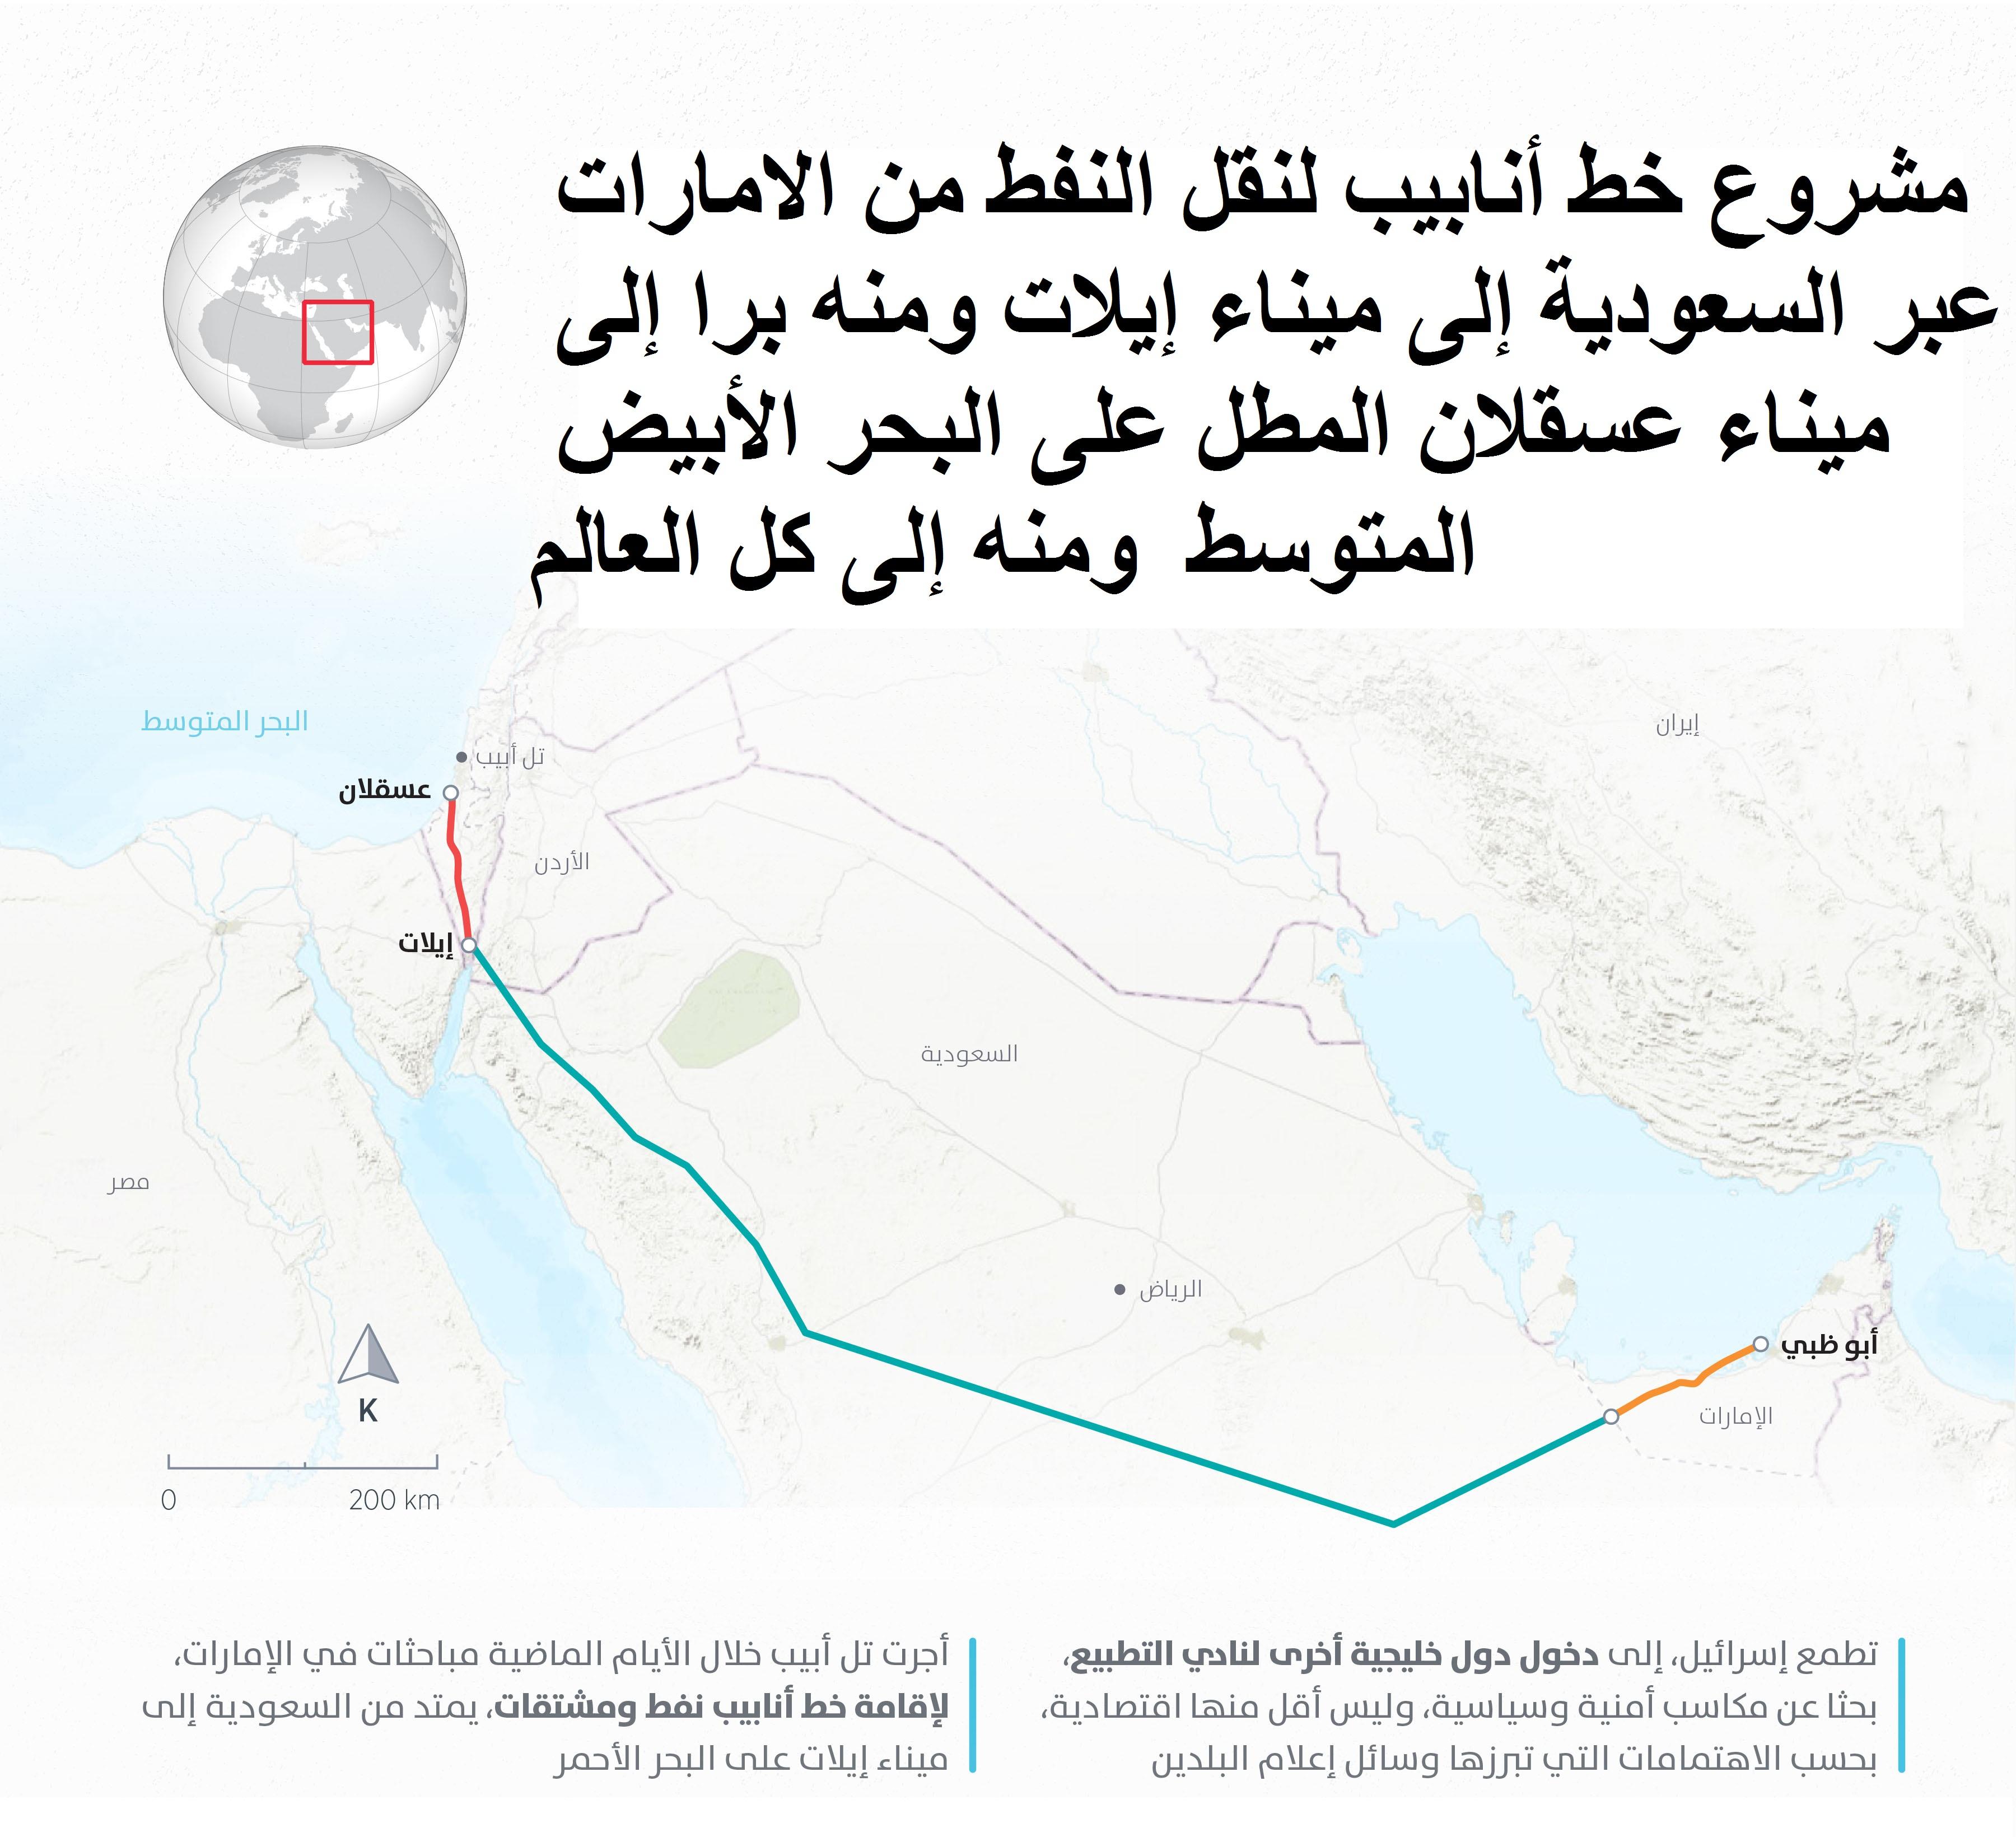 نفط الامارات والسعودية عبر اسرائيل